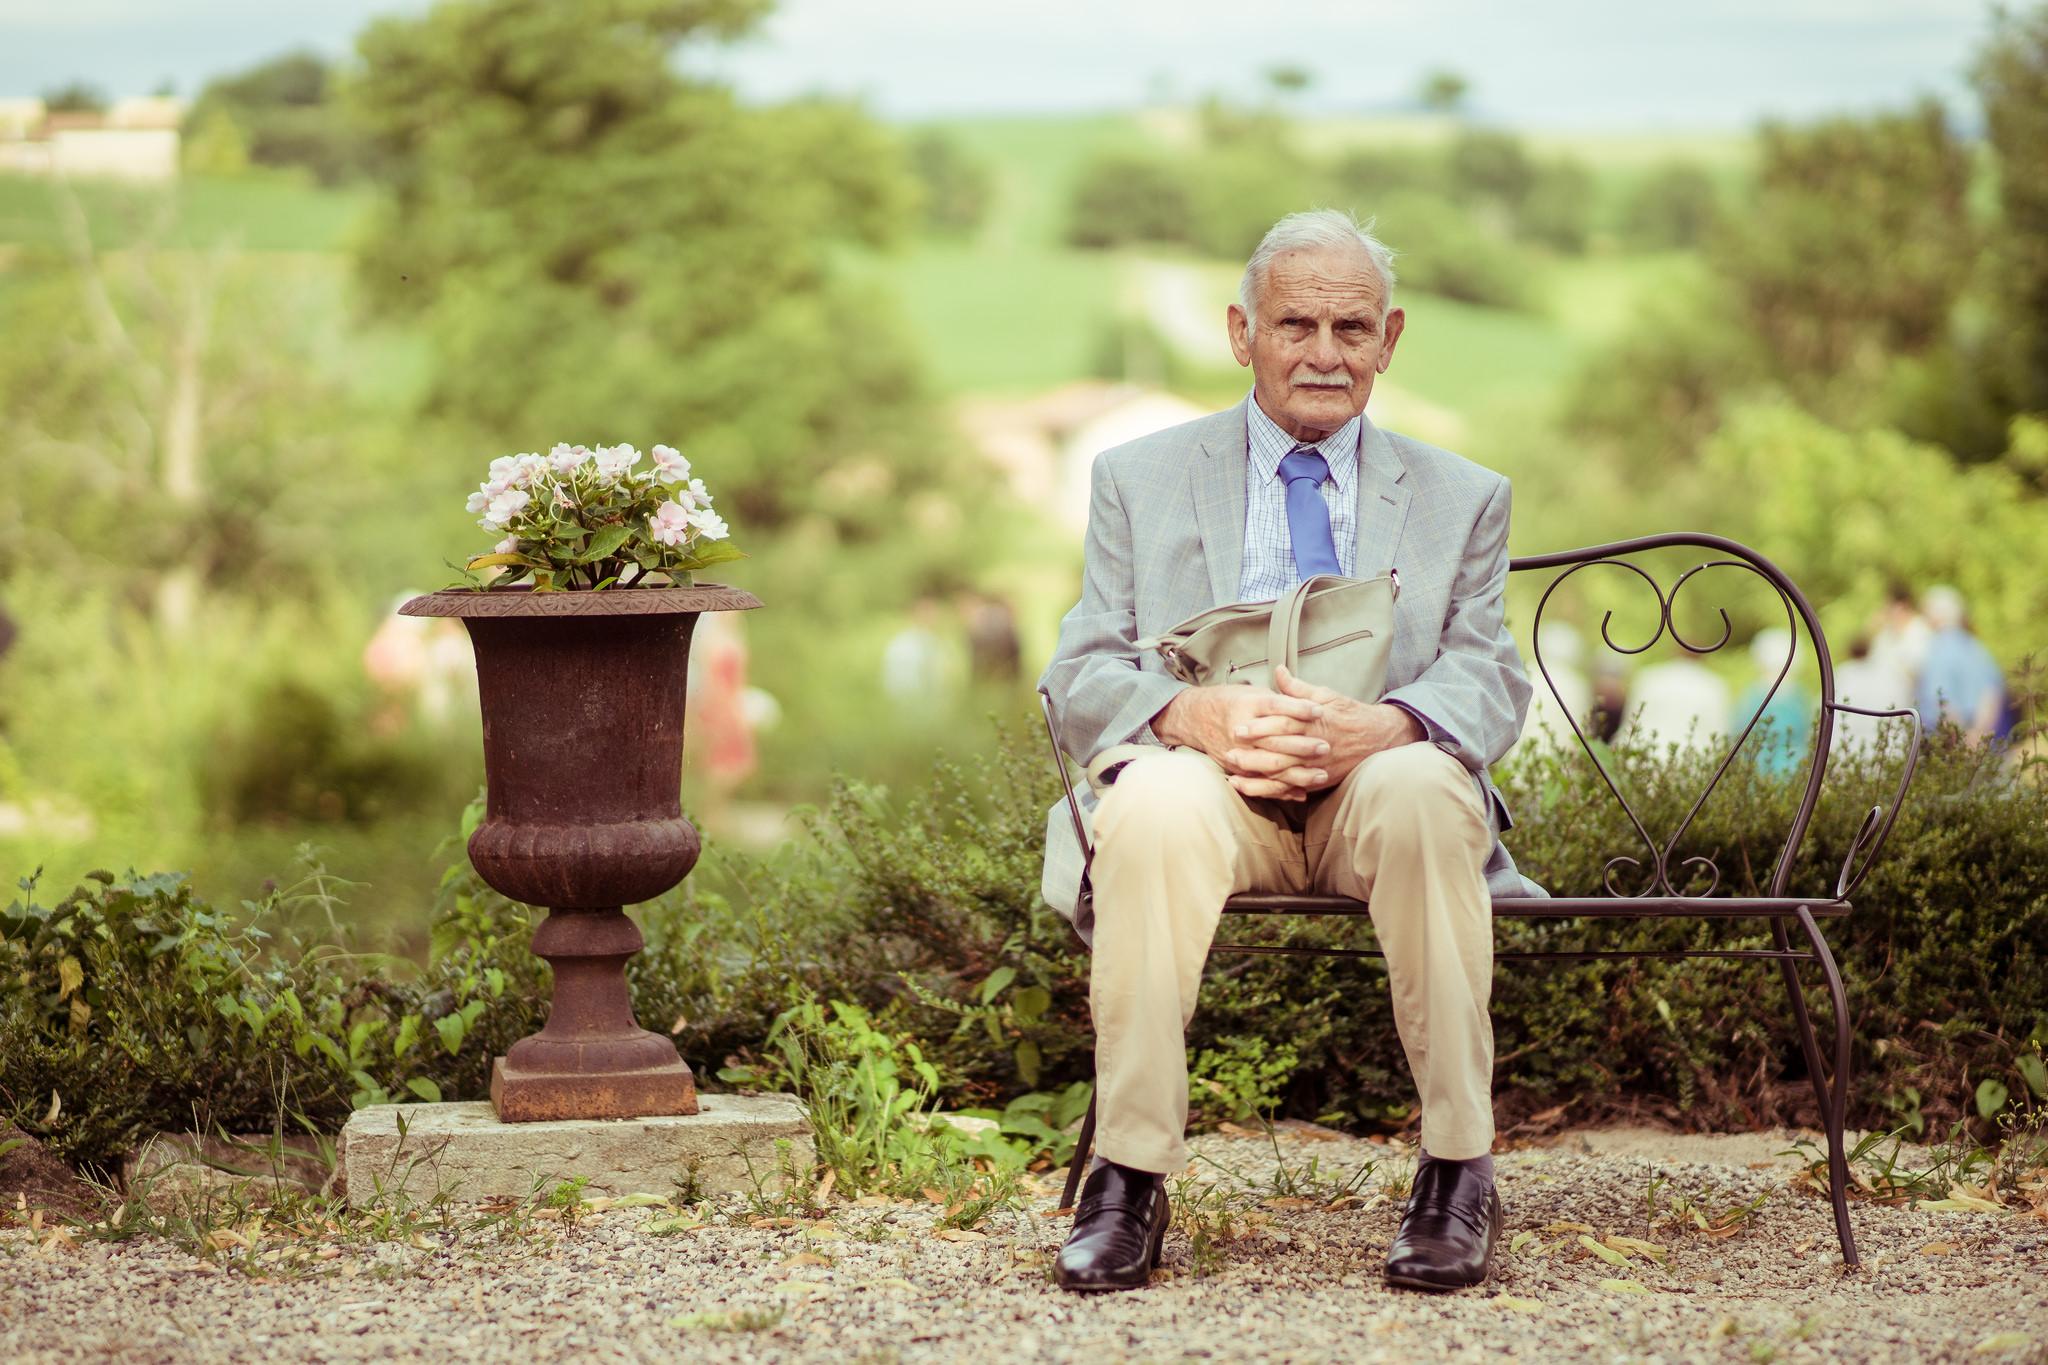 Etienne Regis Photographe à Toulouse, photographe toulouse, toulouse, lyon, mariage, old man, banc, fleur, flower, natural light, extérieur, lumière naturelle